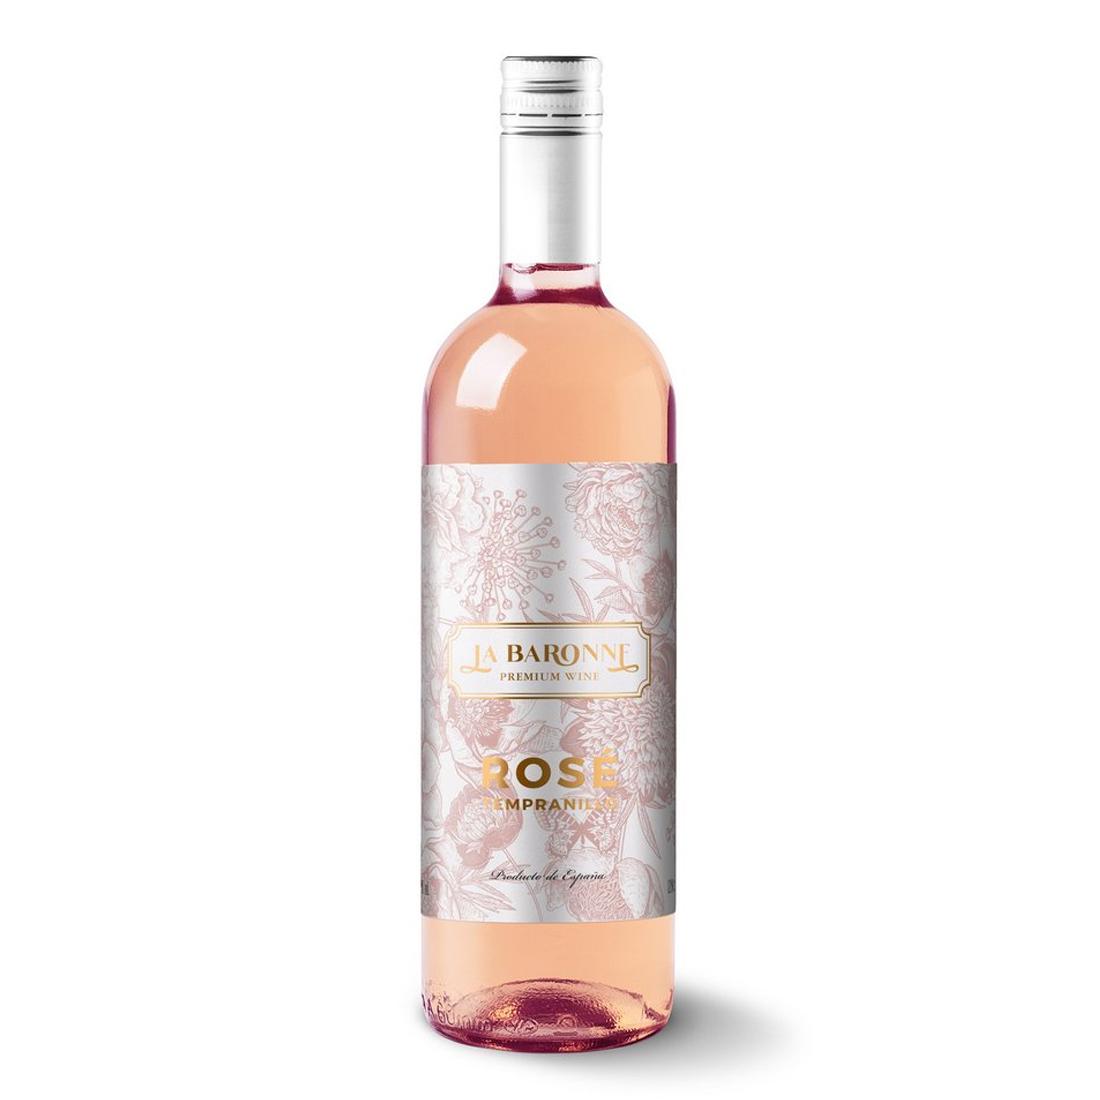 Vinho La Baronne Tempranillo Rosé 750 ml